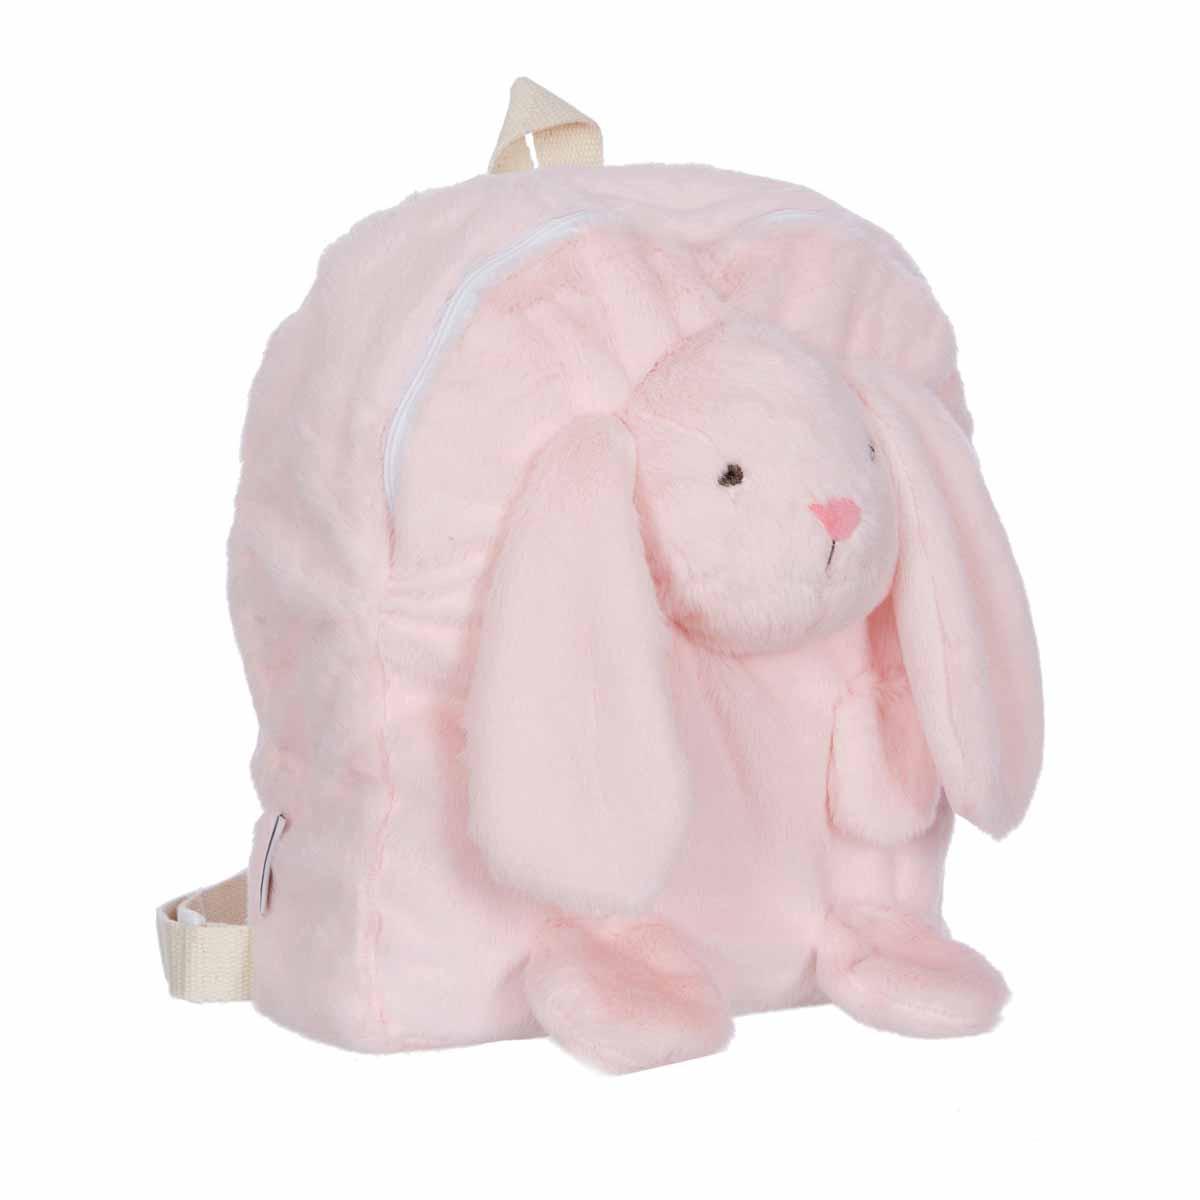 Παιδικό Σακίδιο Πλάτης Manon Des Pres Κουνελάκι Ροζ BR72943 home   παιδικά   τσάντες παιδικές